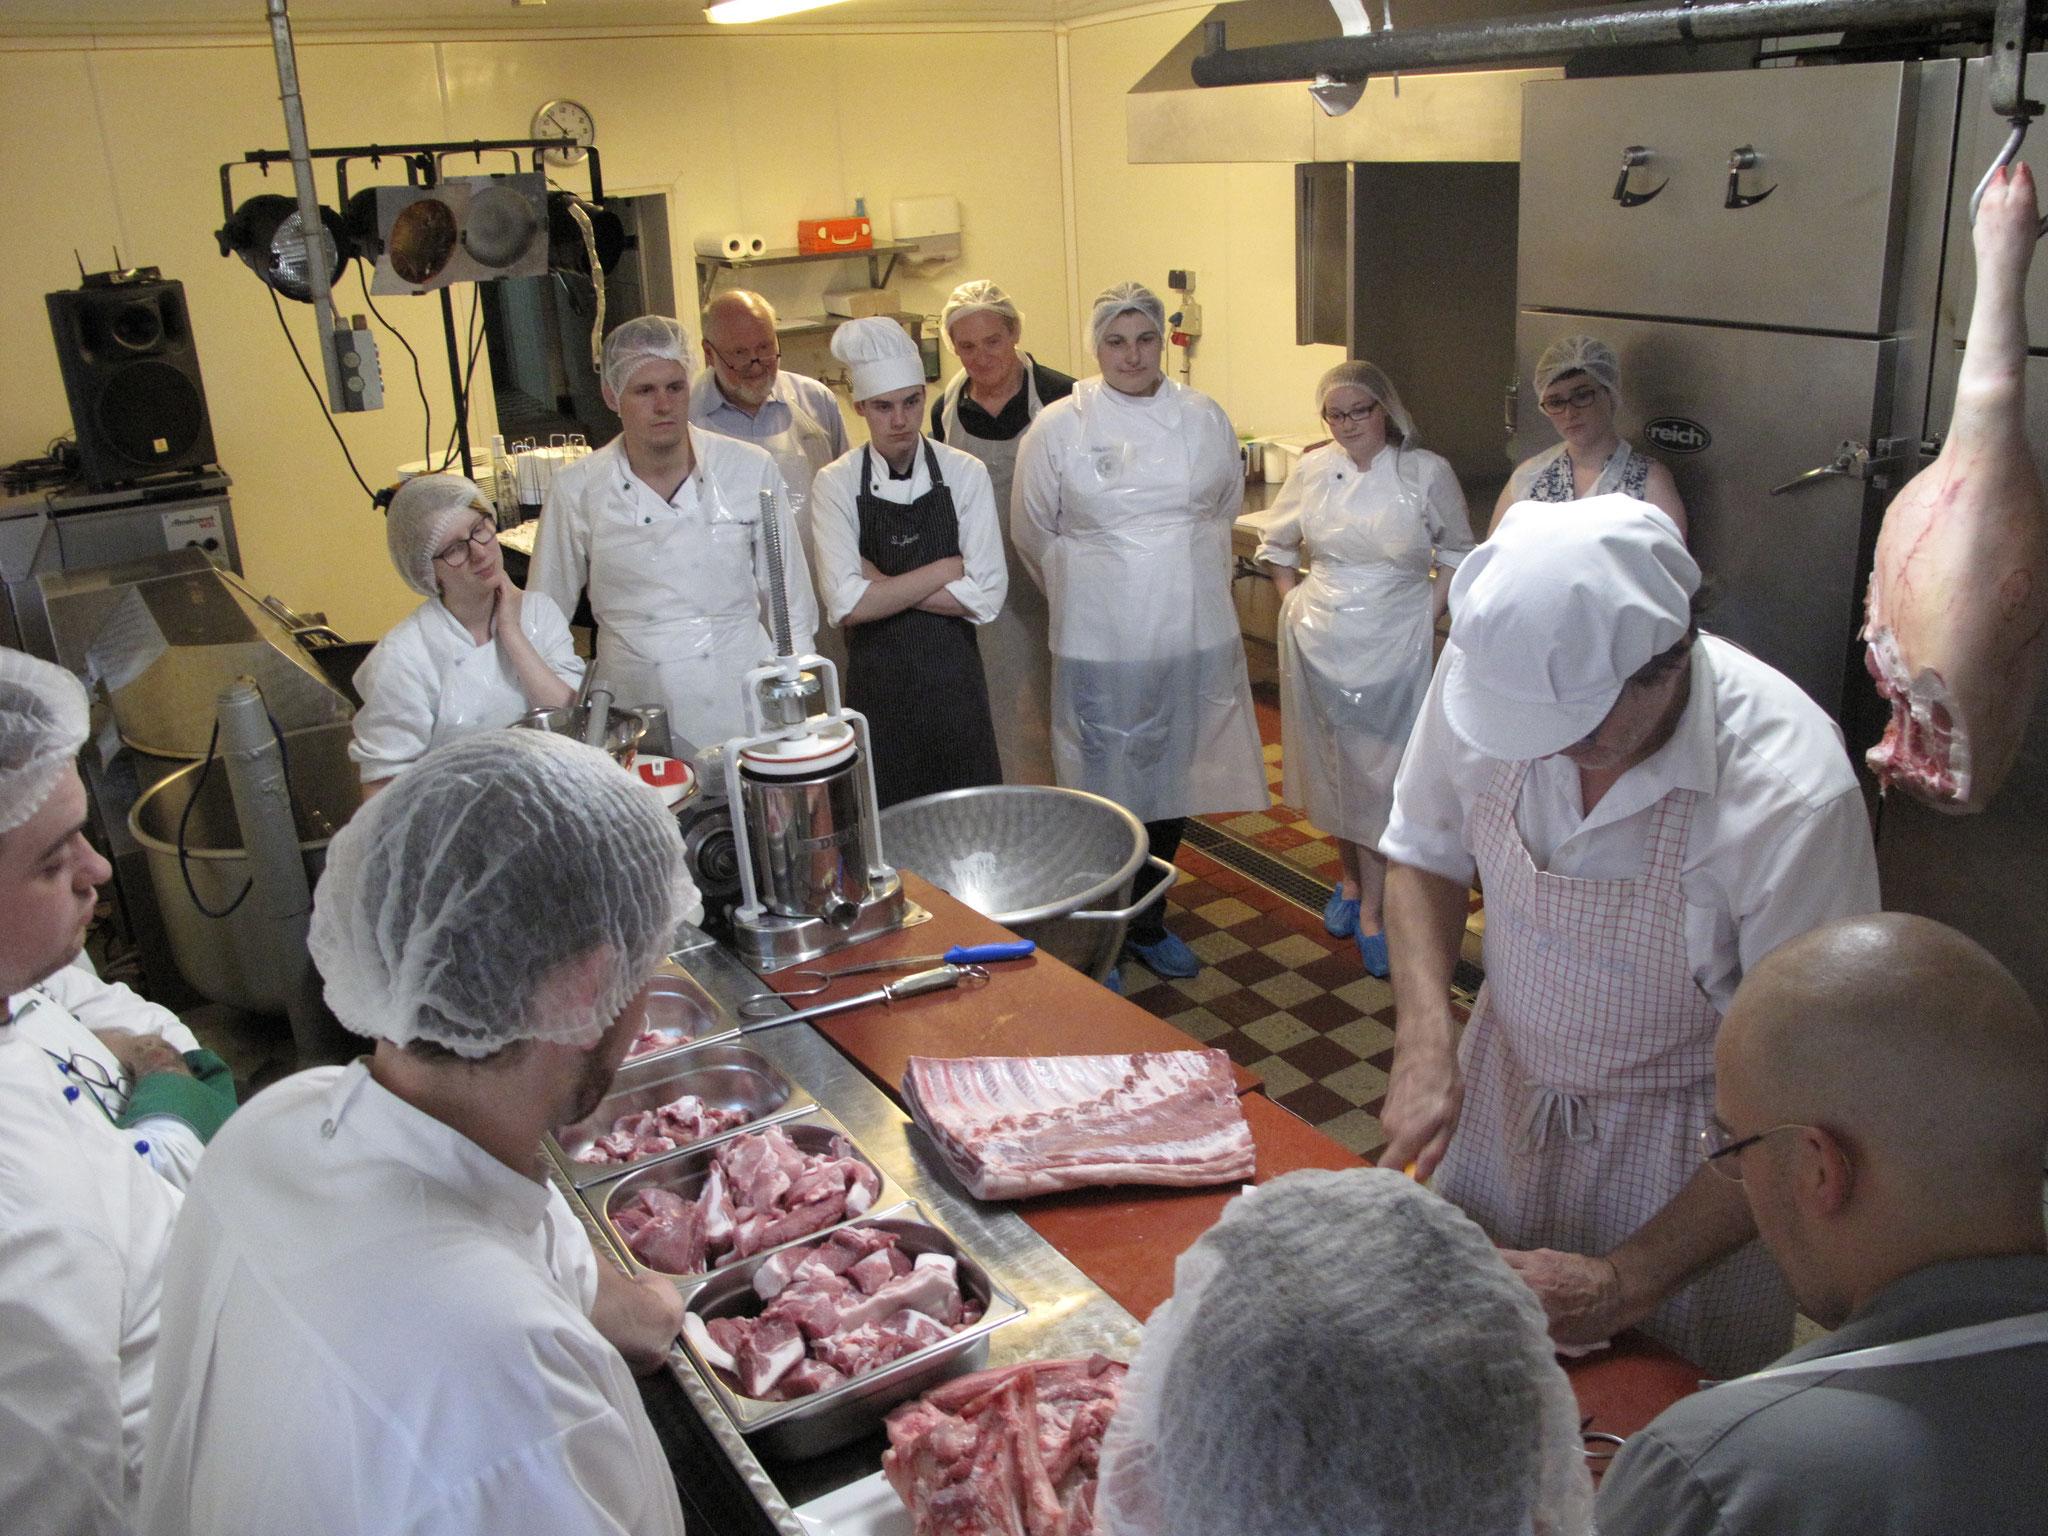 Verarbeitung eines halben Schweins zu Wurst und Grillprodukten